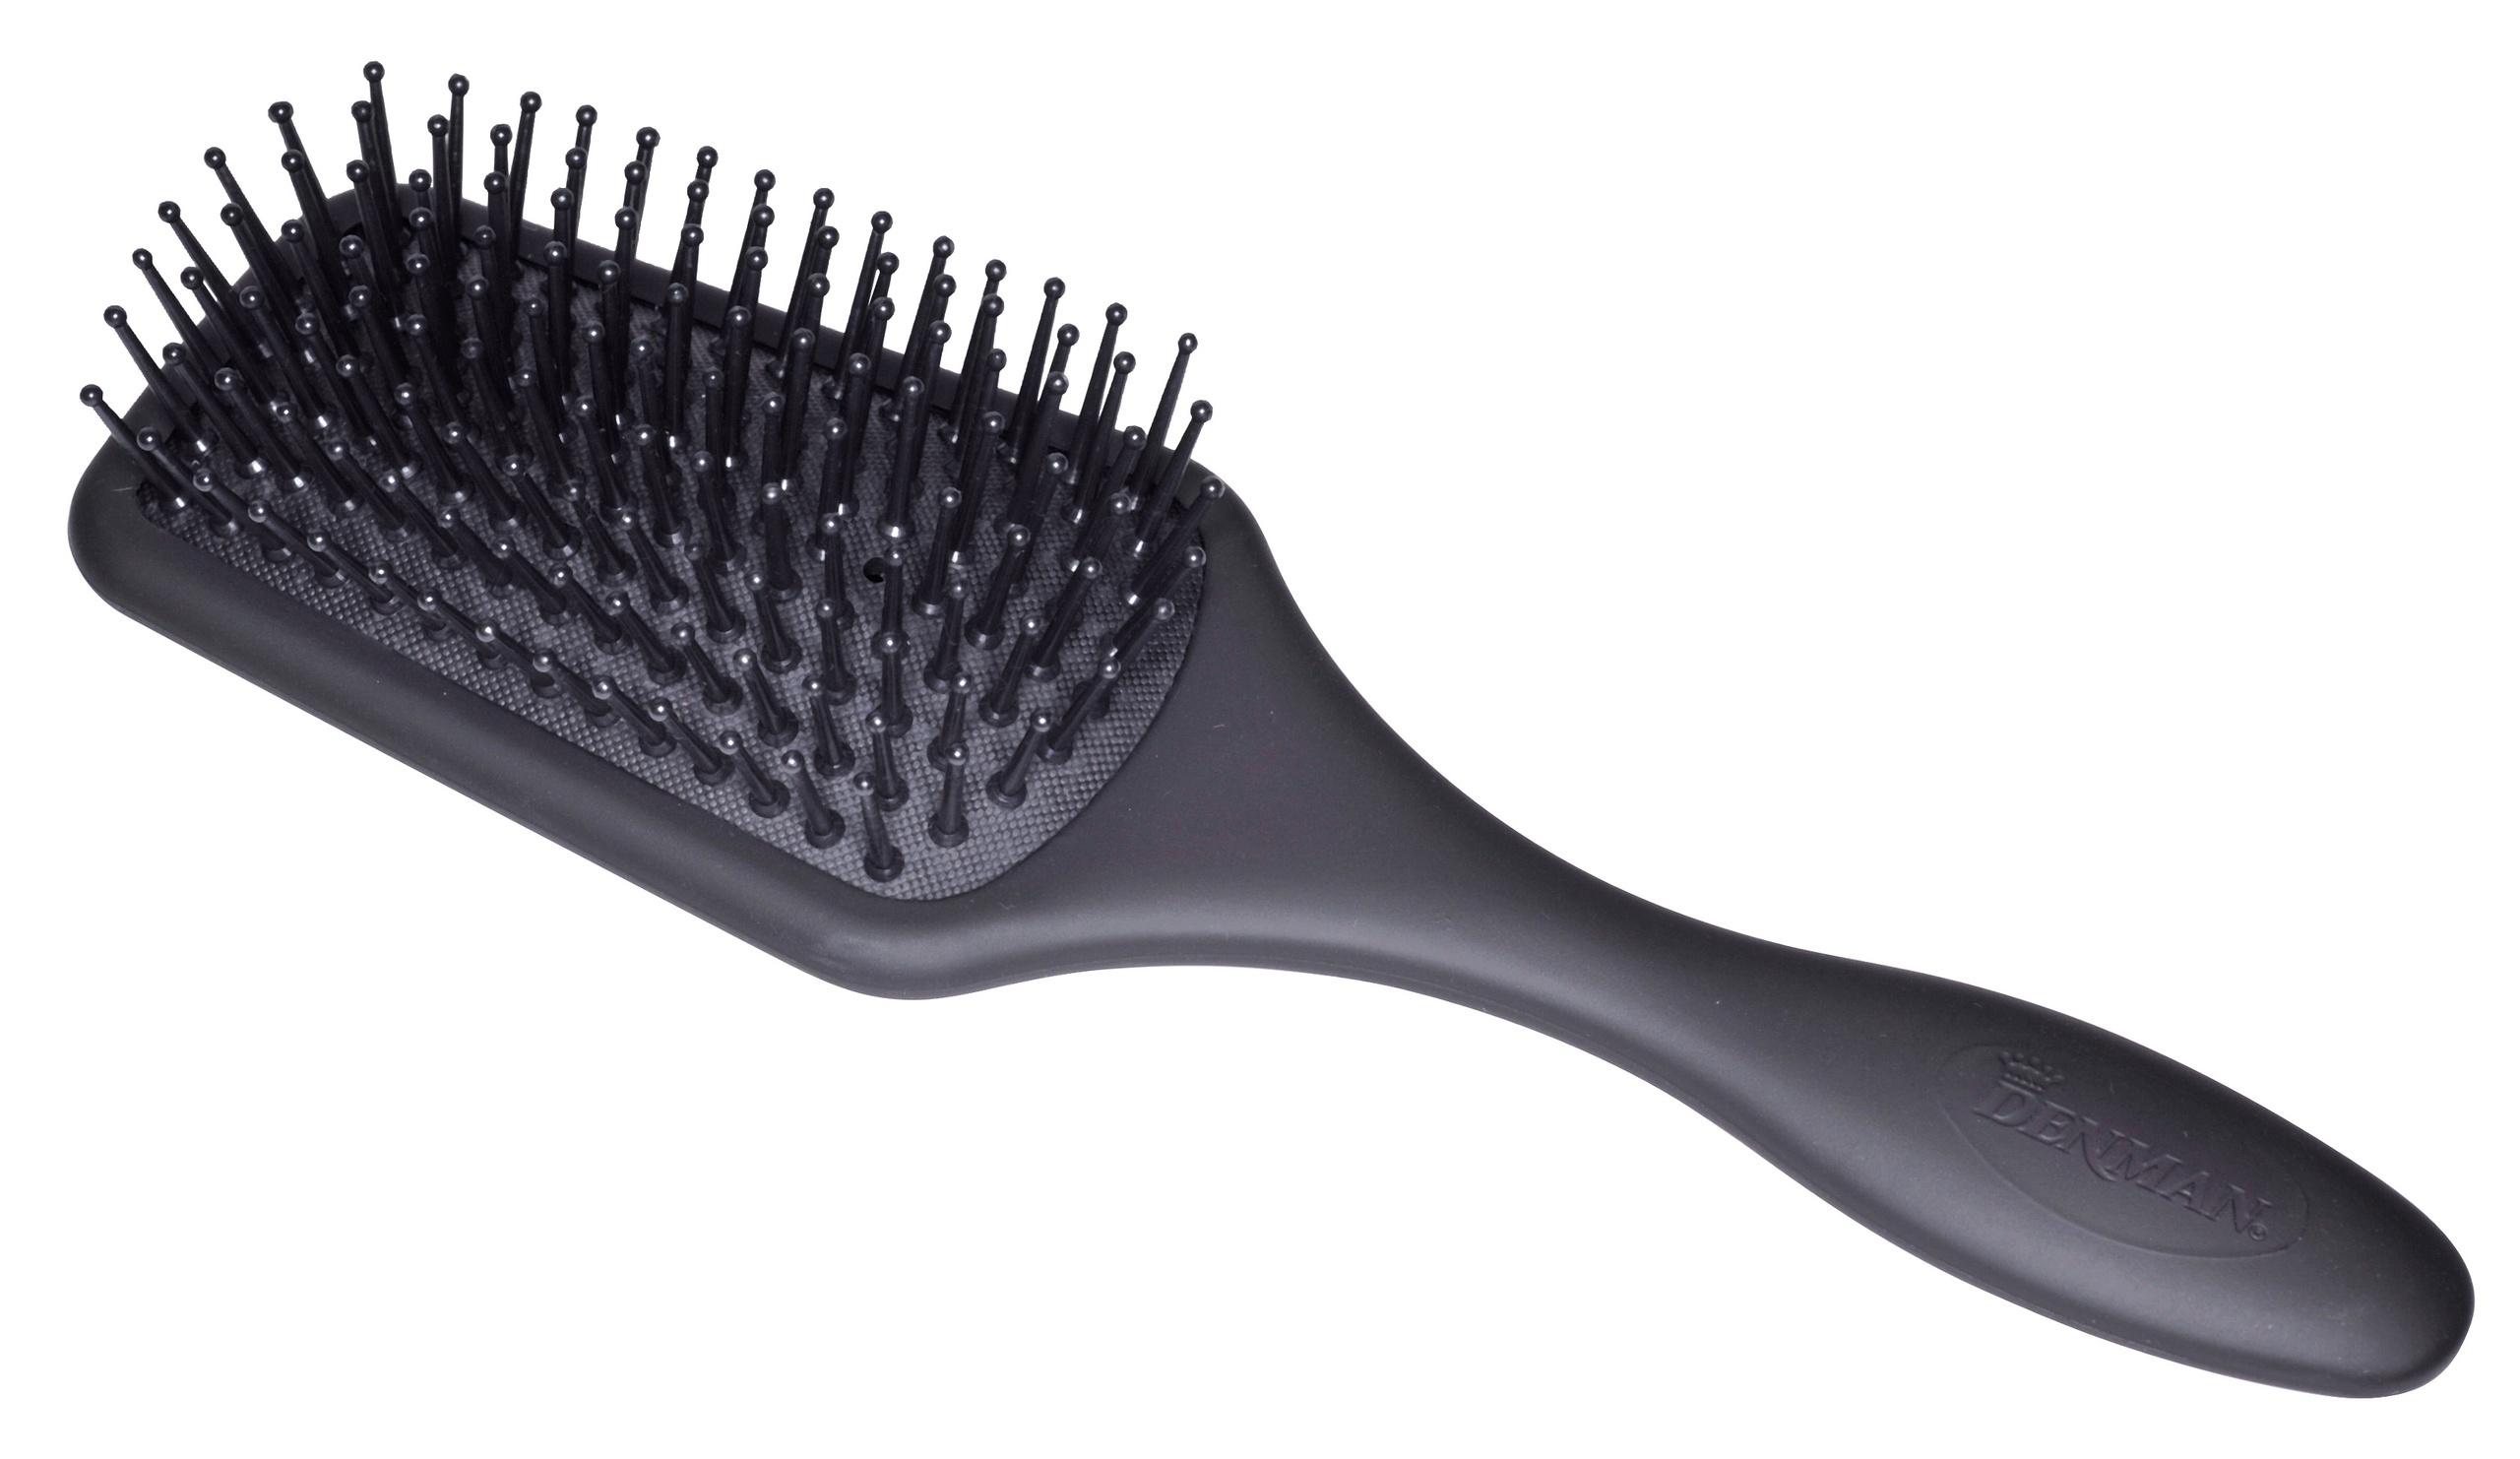 brosse cheveux professionnelle plate carr e picots petit mod le denman. Black Bedroom Furniture Sets. Home Design Ideas